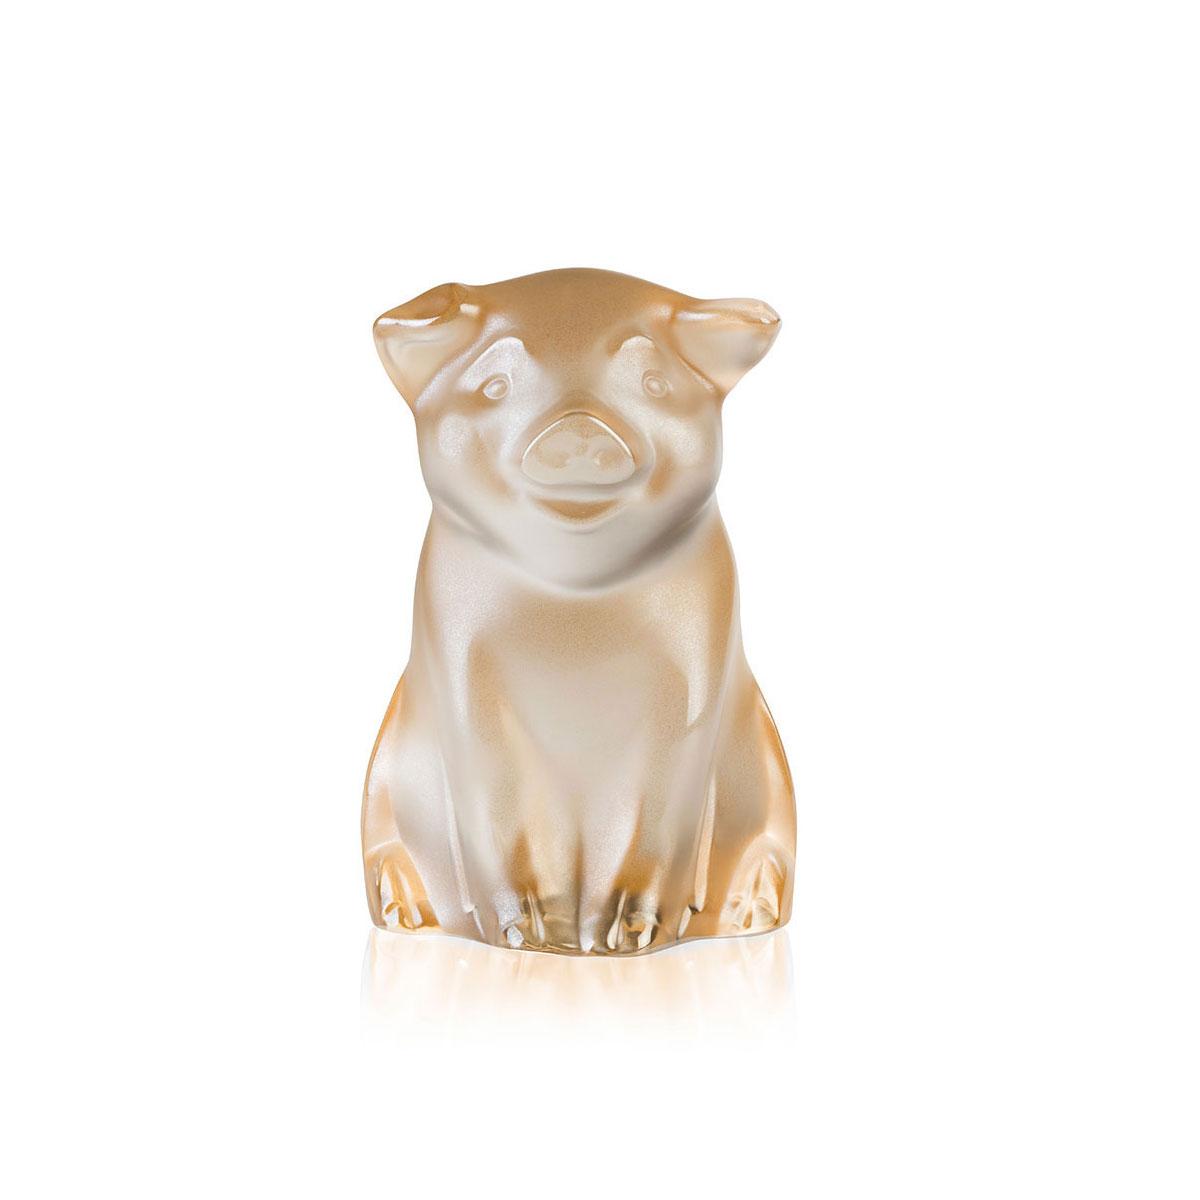 Lalique Cochon, Pig Sculpture, Gold Luster